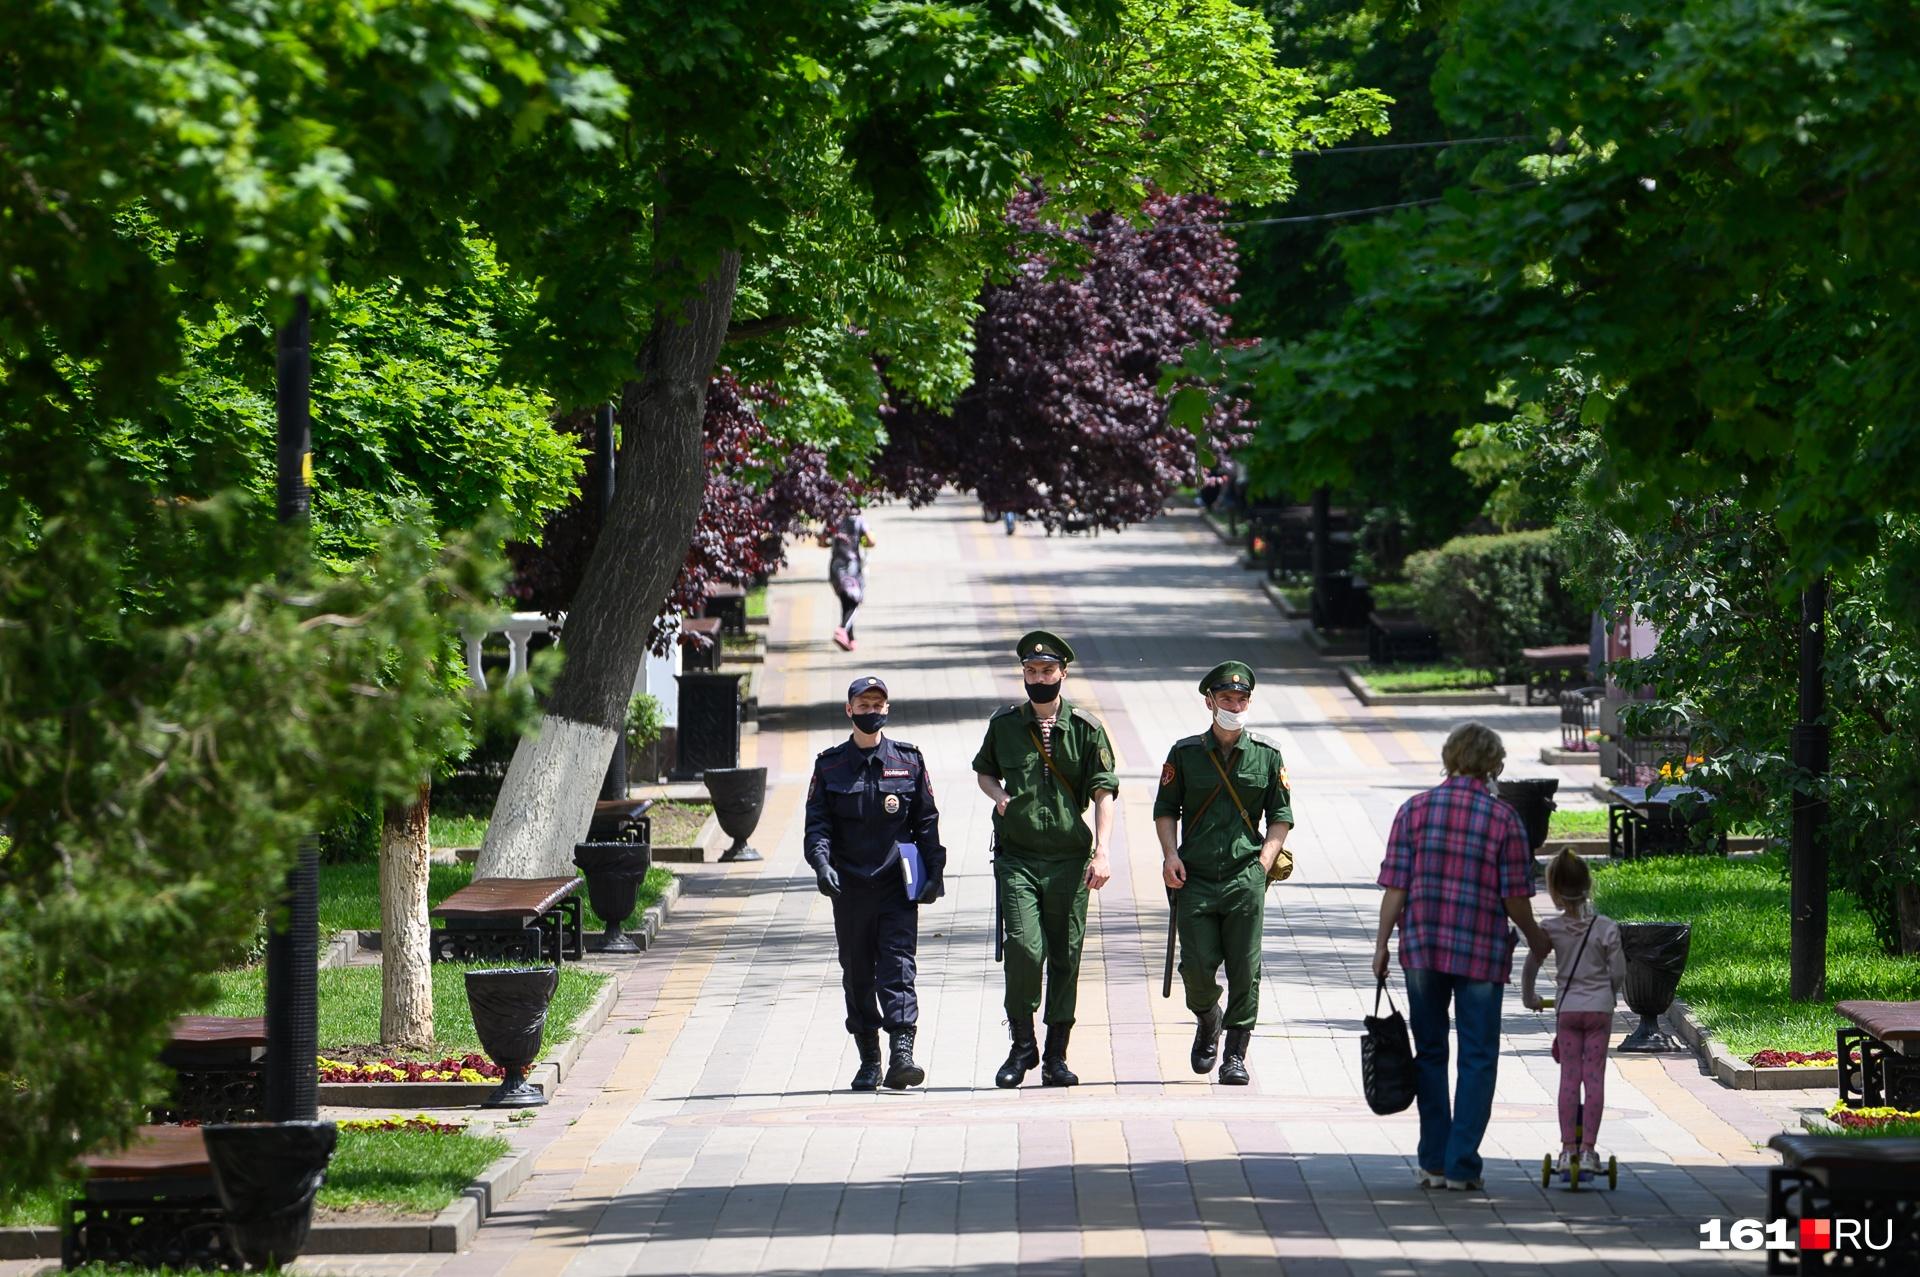 В парке Горького патрули ищут нарушителей